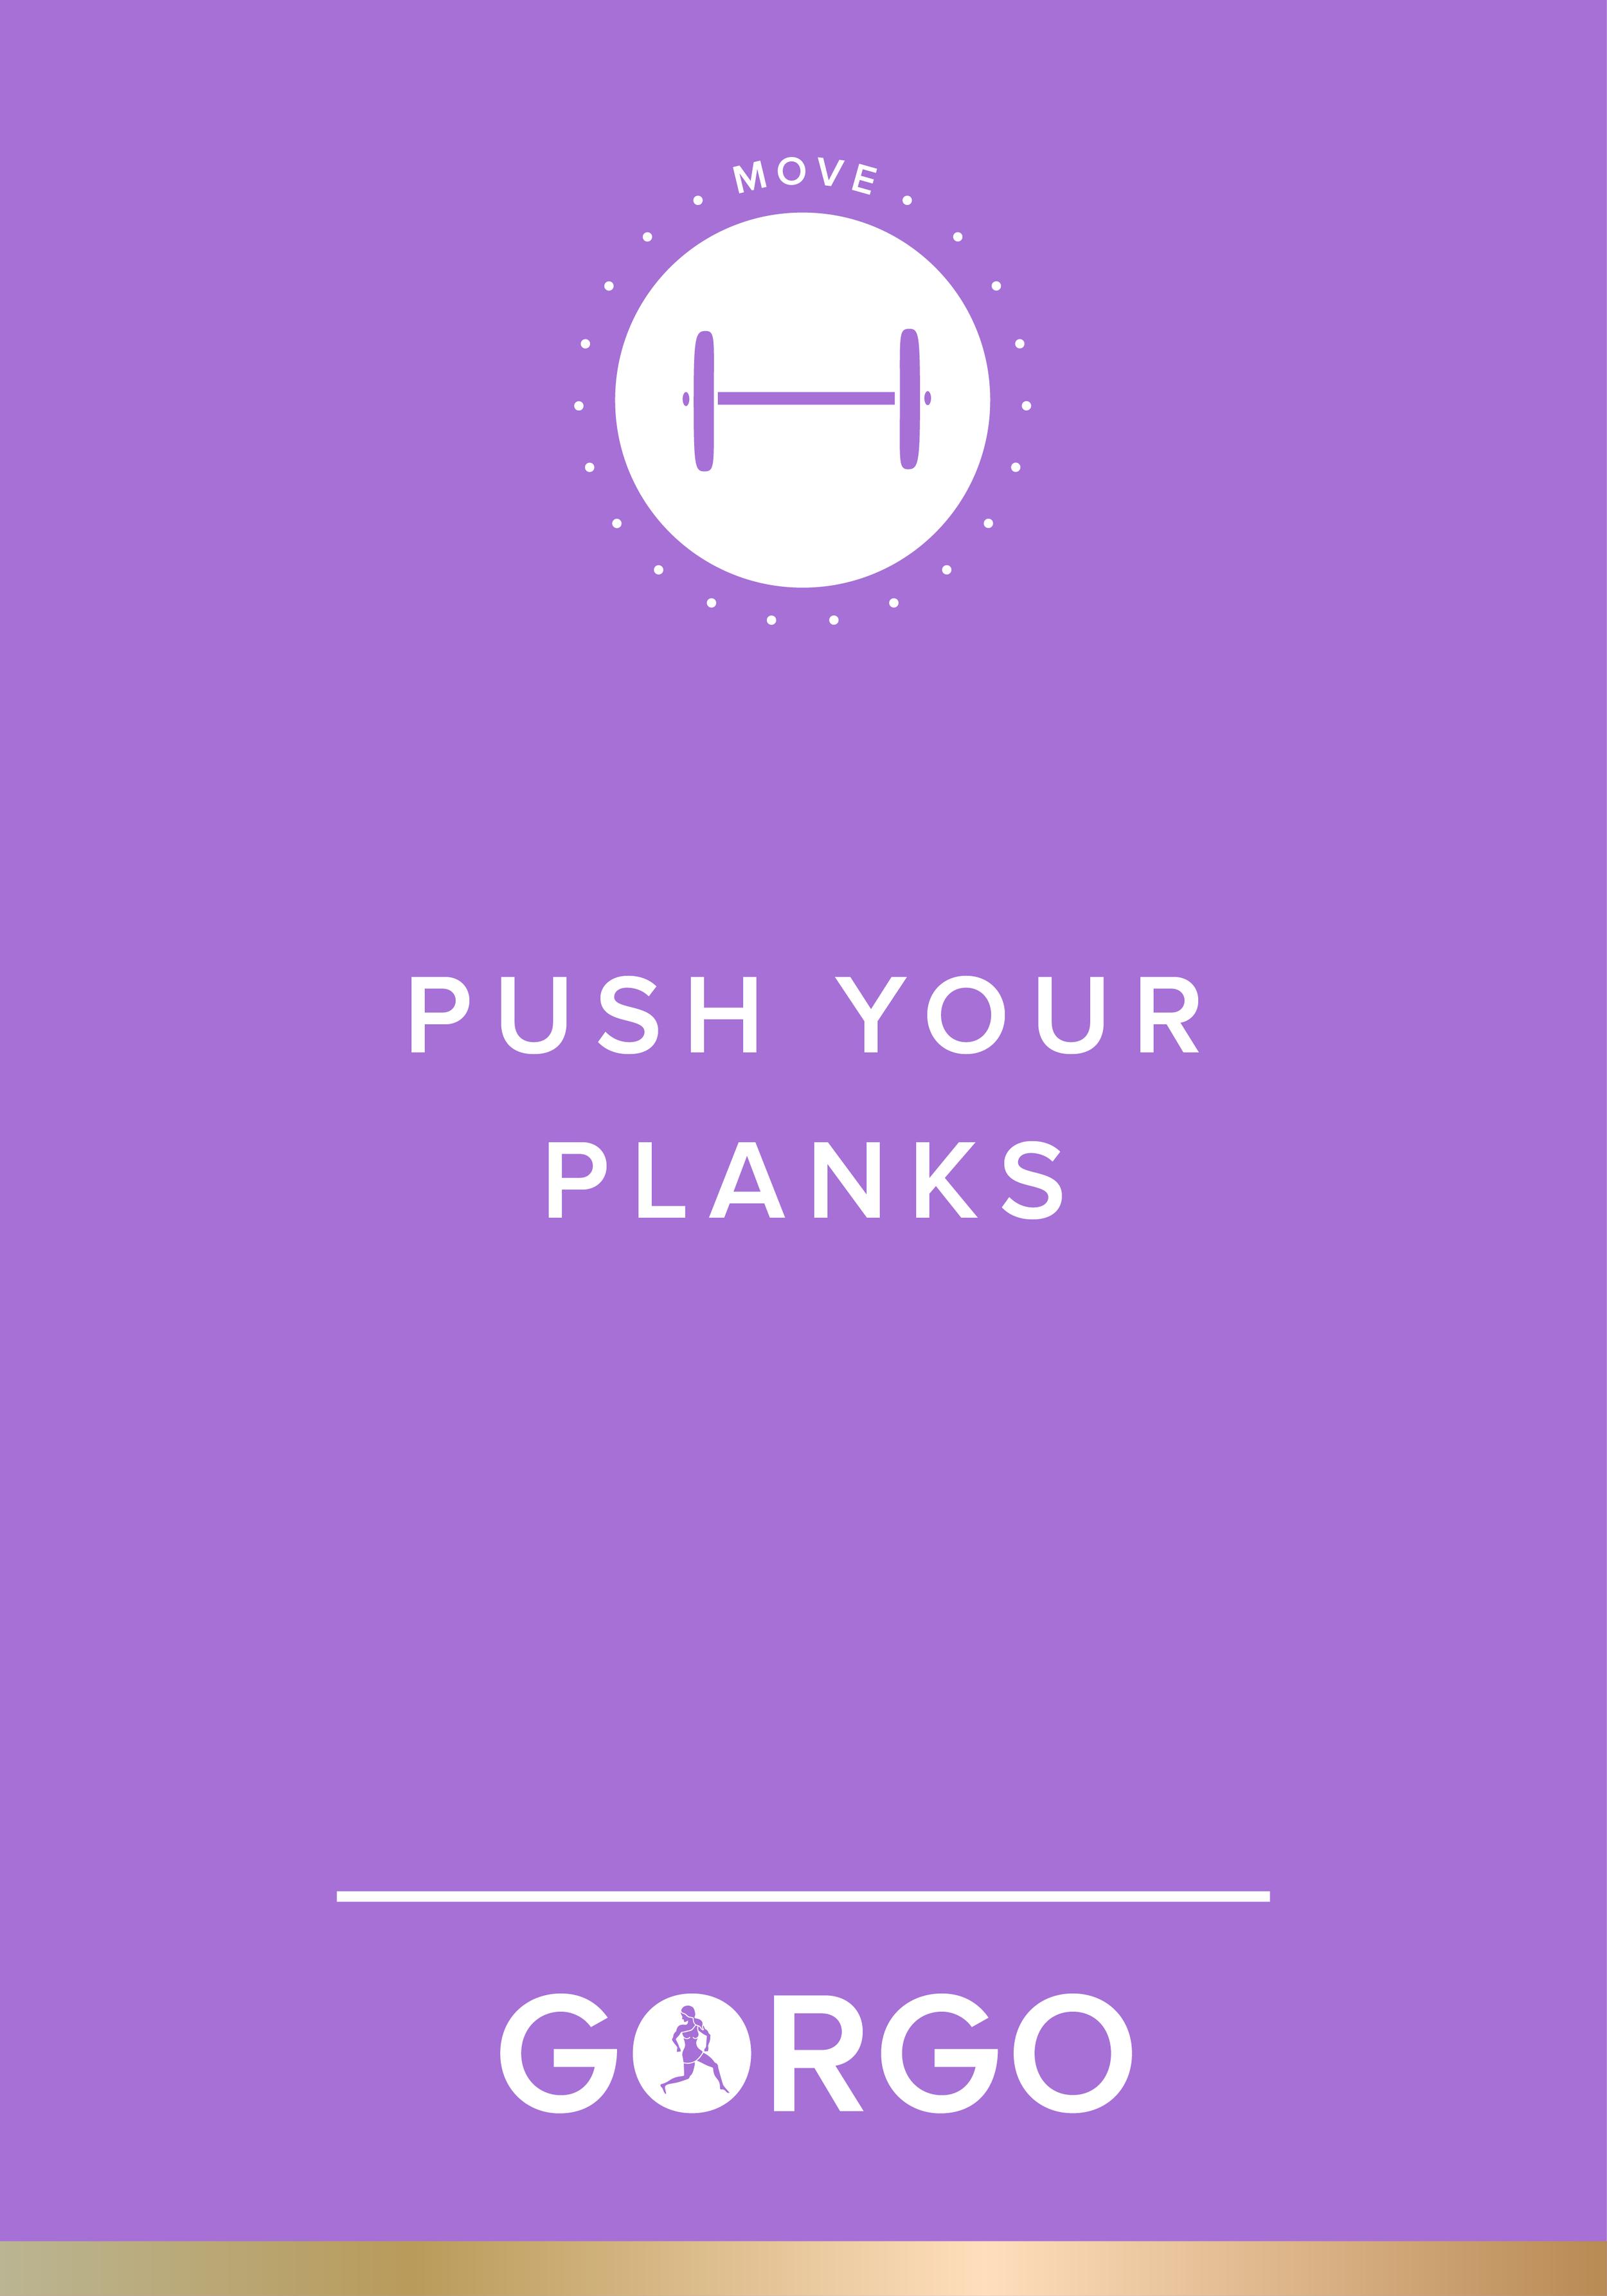 Push Your Planks #gorgogirl #move